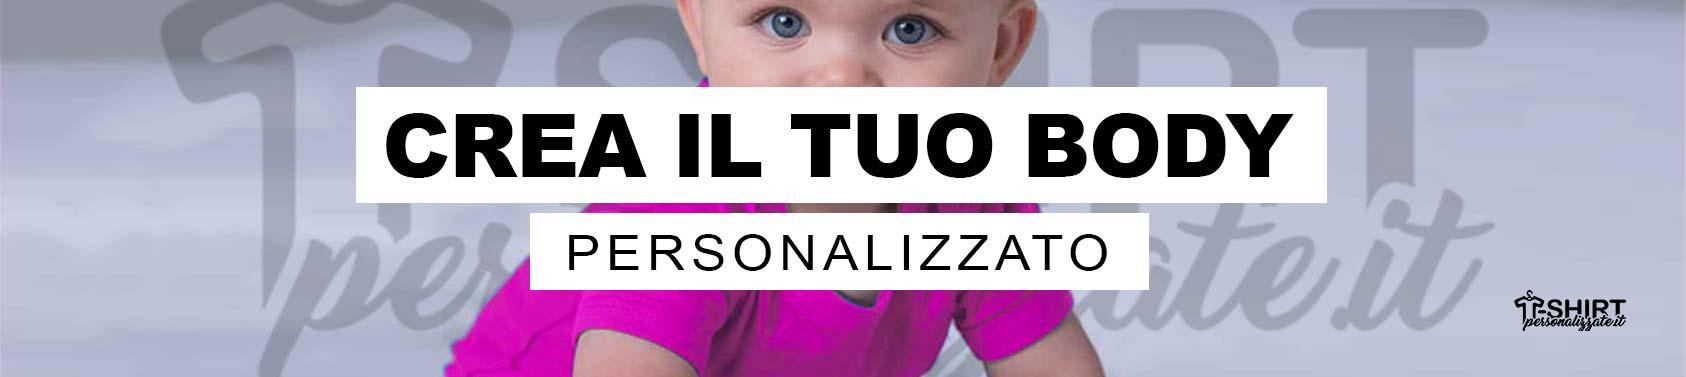 body da neonata personalizzato